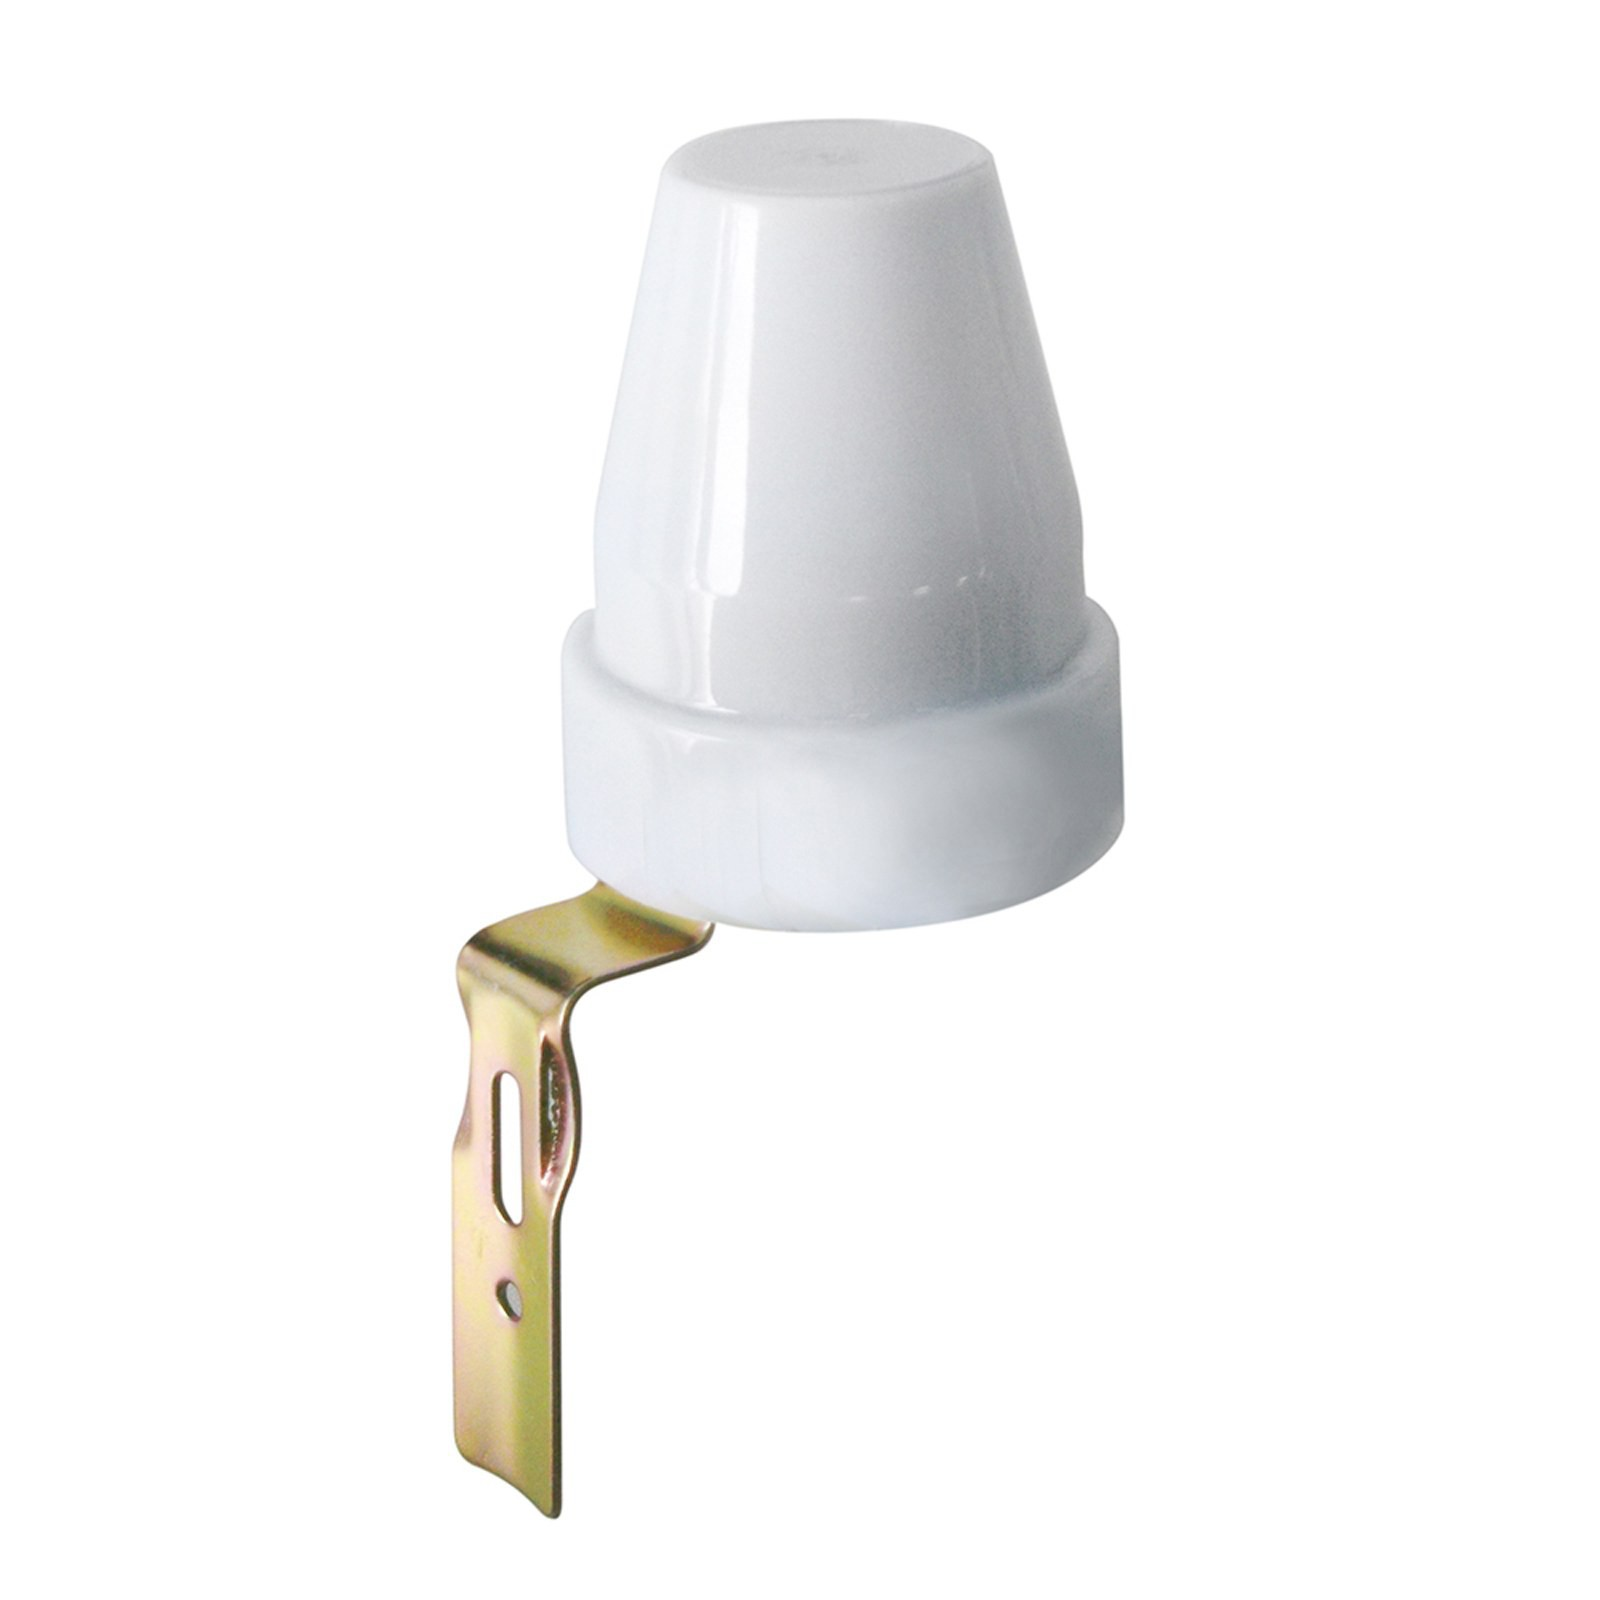 Interruttore sensore crepuscolare 10a 220v per lampade for Lampade a led 220v